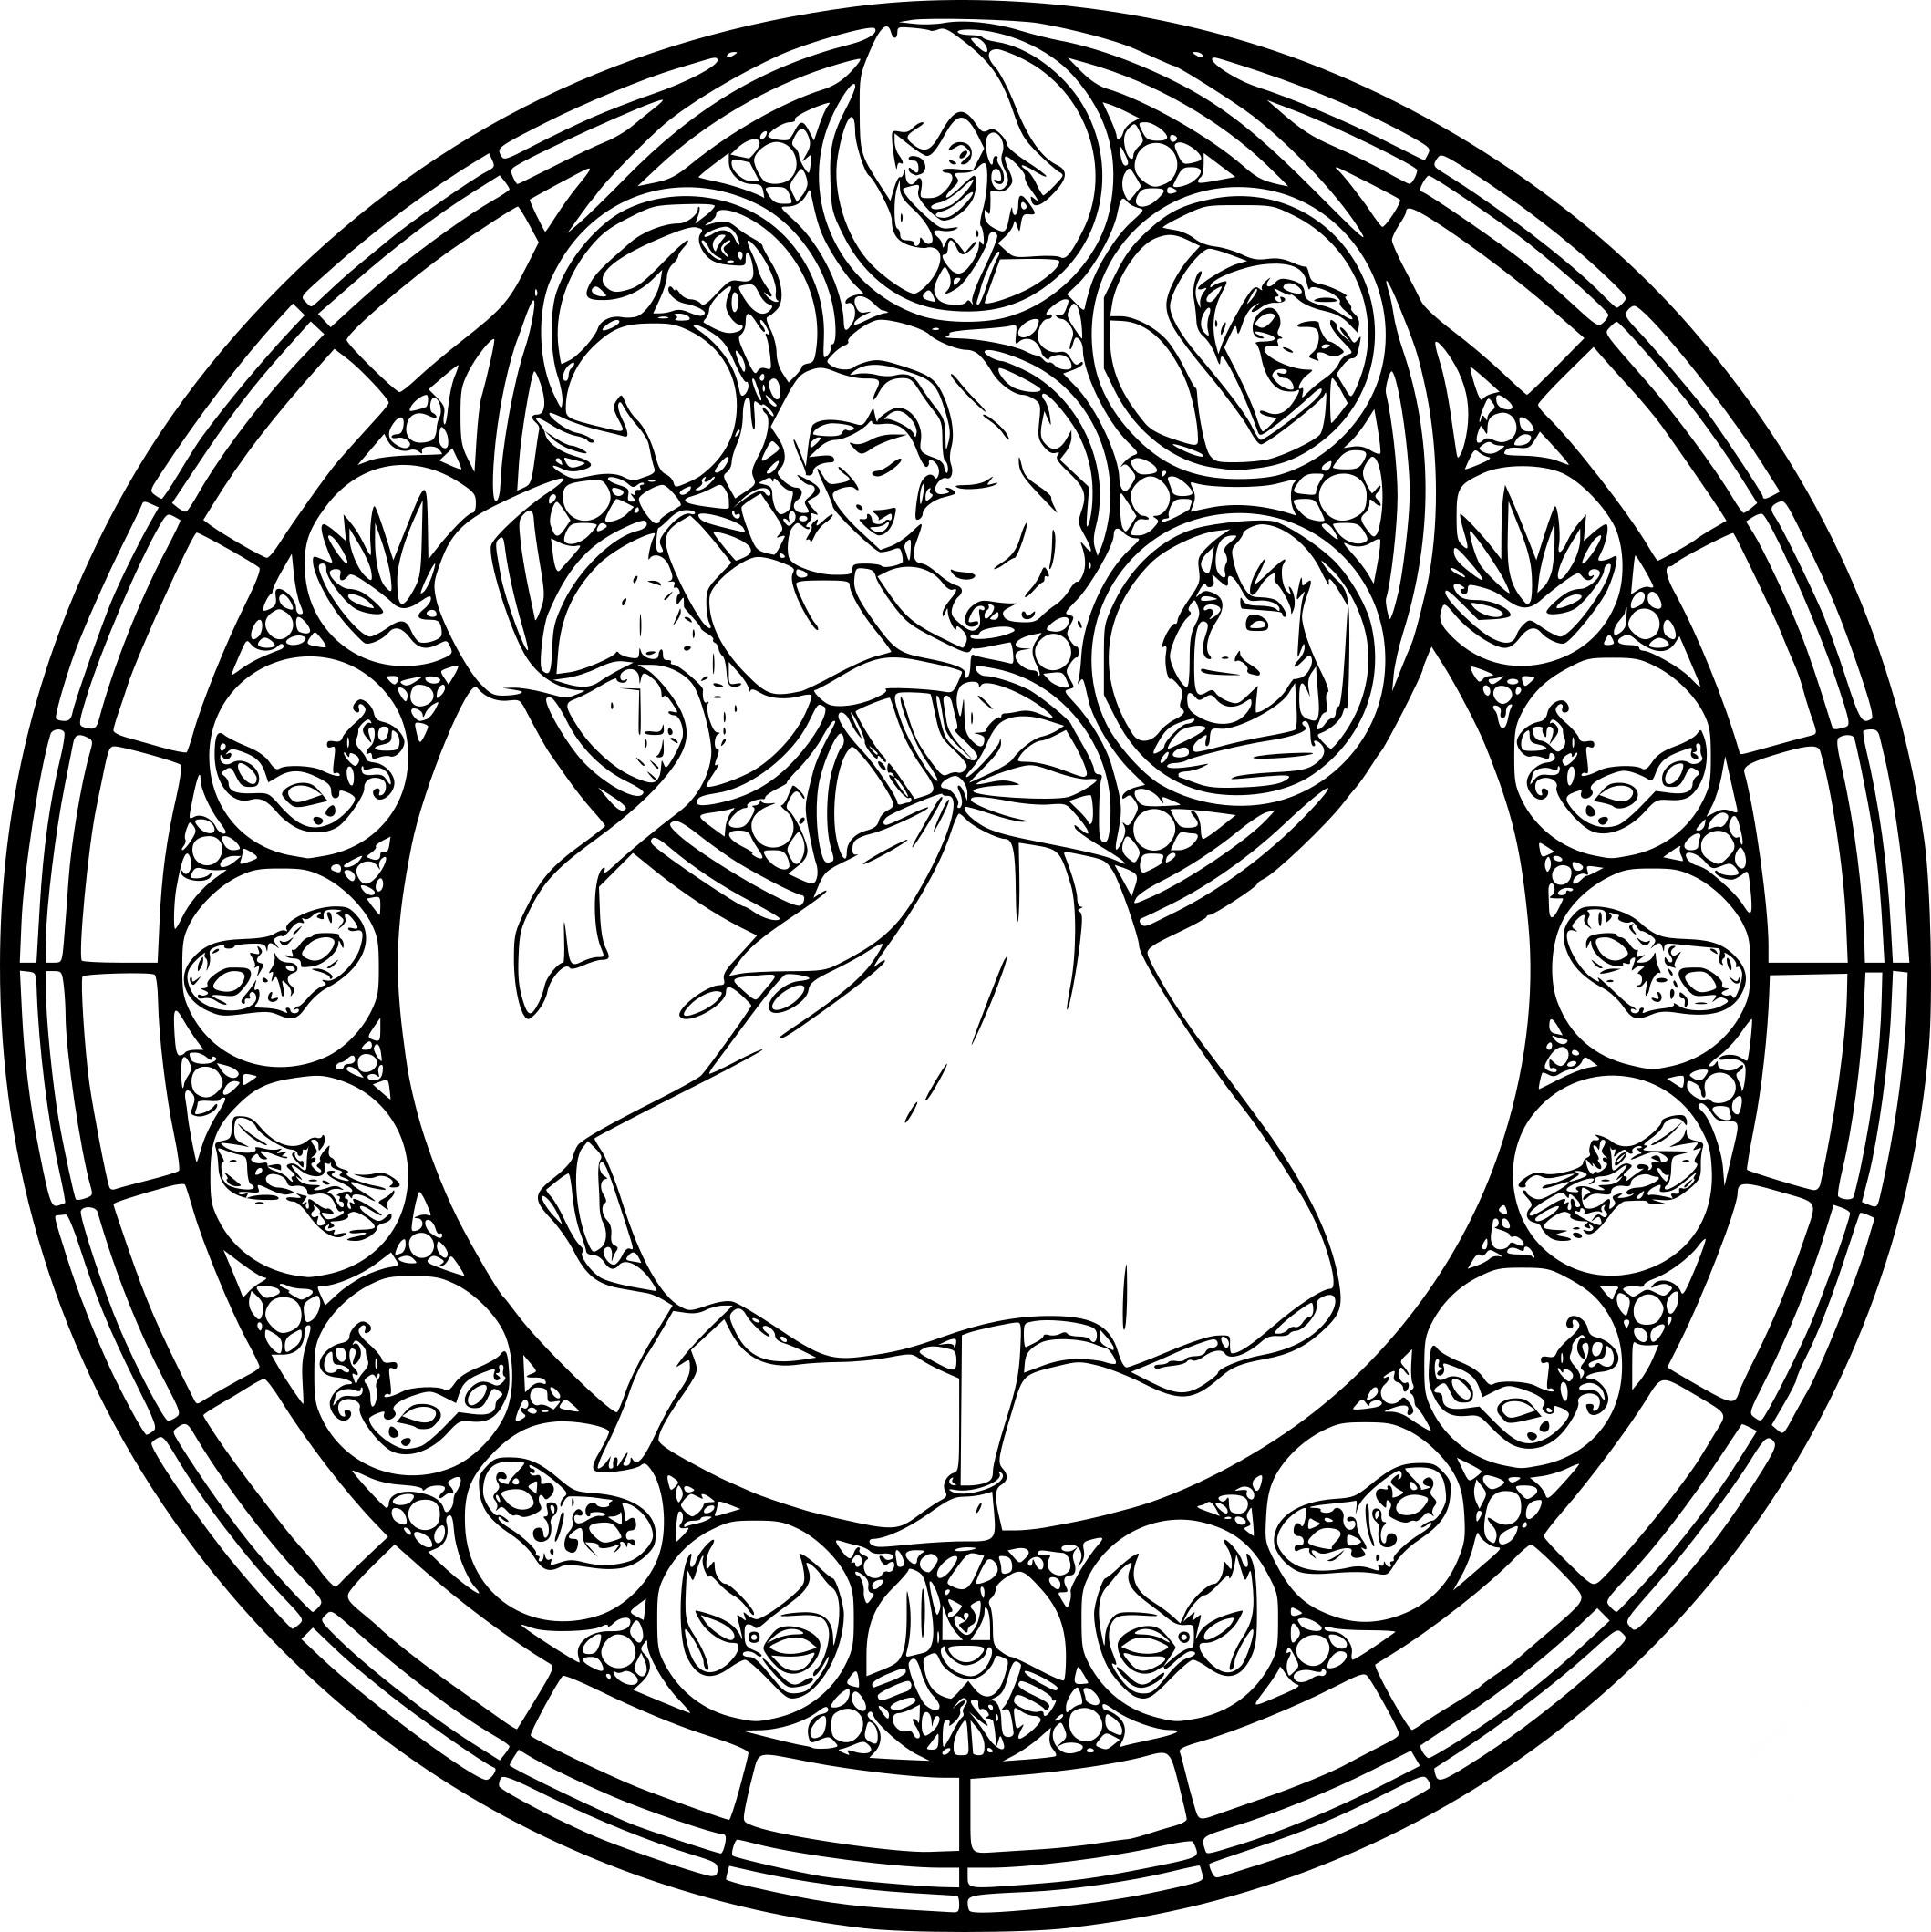 Coloriage Mandala Disney A Imprimer Sur Coloriages Info